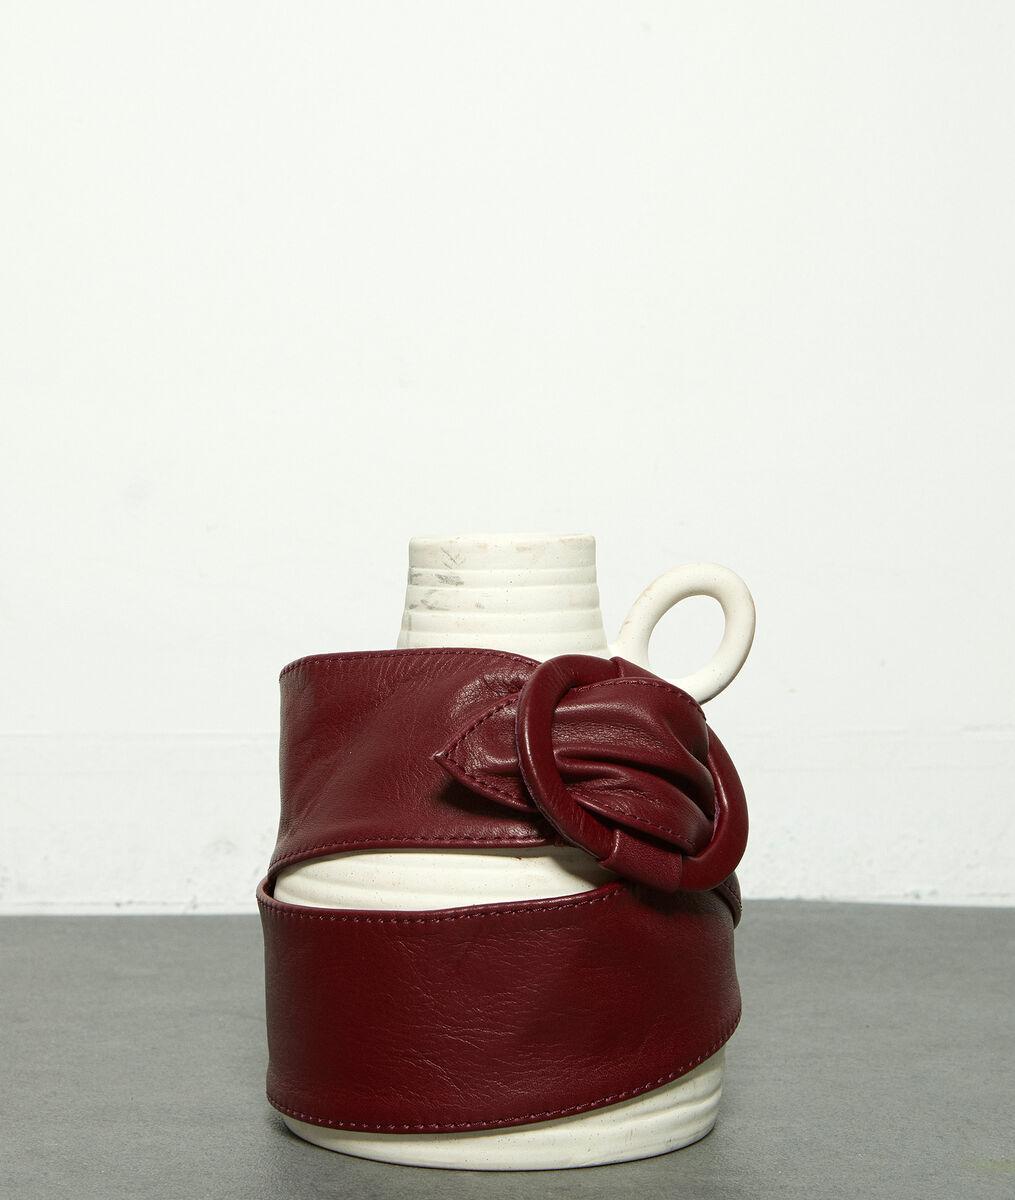 Ceinture large en cuir souple bordeaux Elya PhotoZ   1-2-3